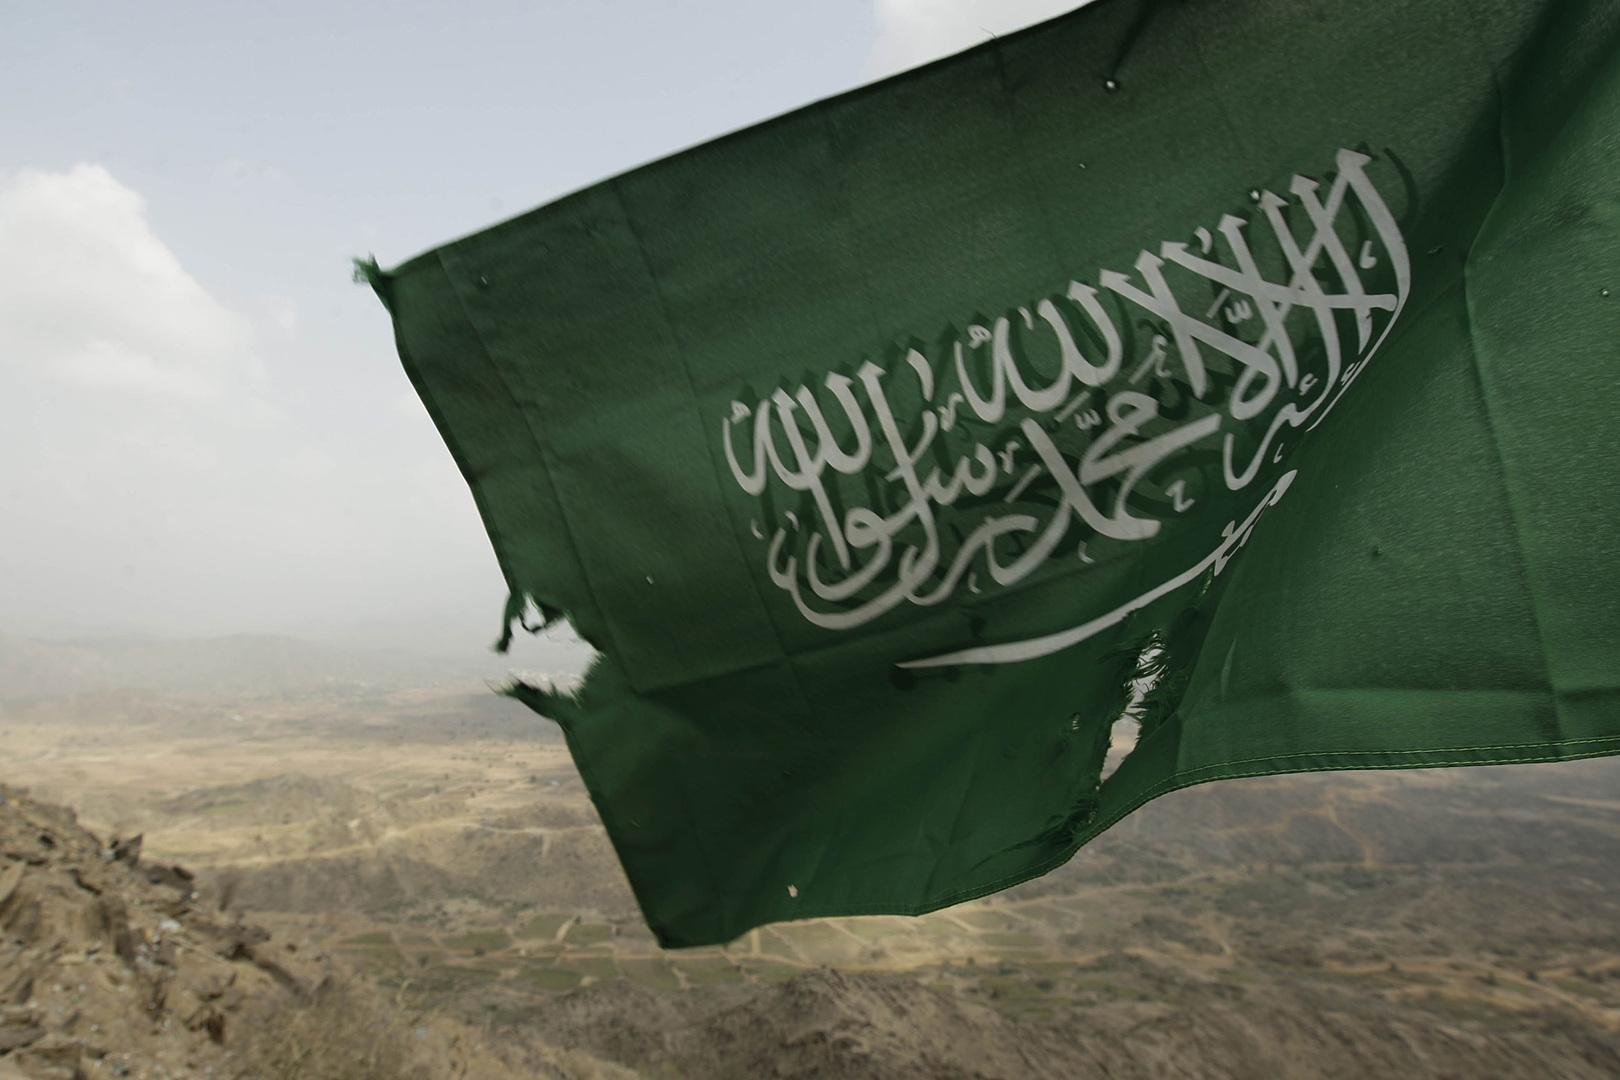 السعودية تؤكد مقتل 4 من عسكرييها عند حدود اليمن